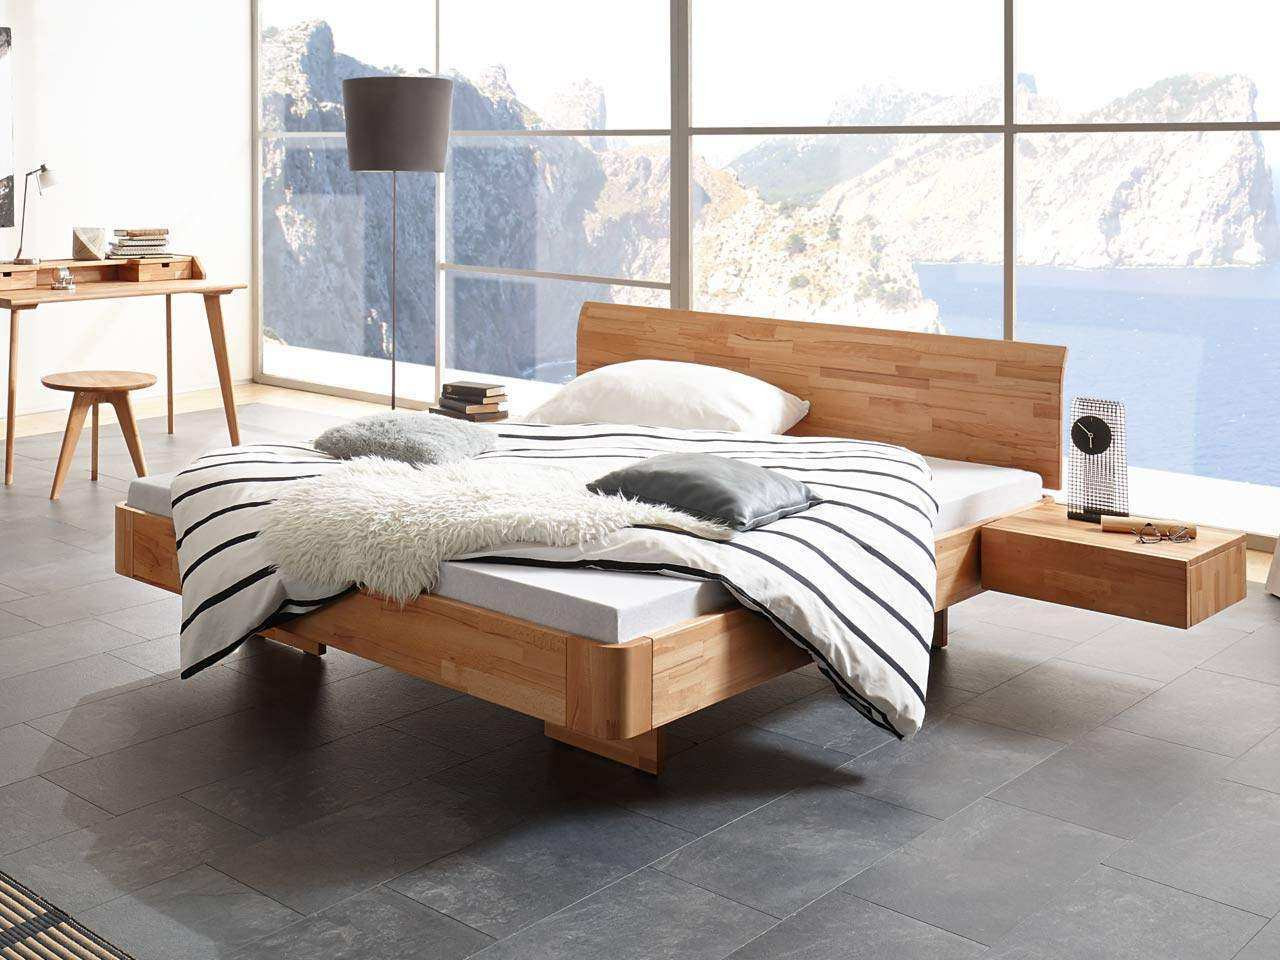 Full Size of Bett 180x220 Watersoftnerguide Cz Anleitung Beste Mbelideen Wohnzimmer Komplettbett 180x220